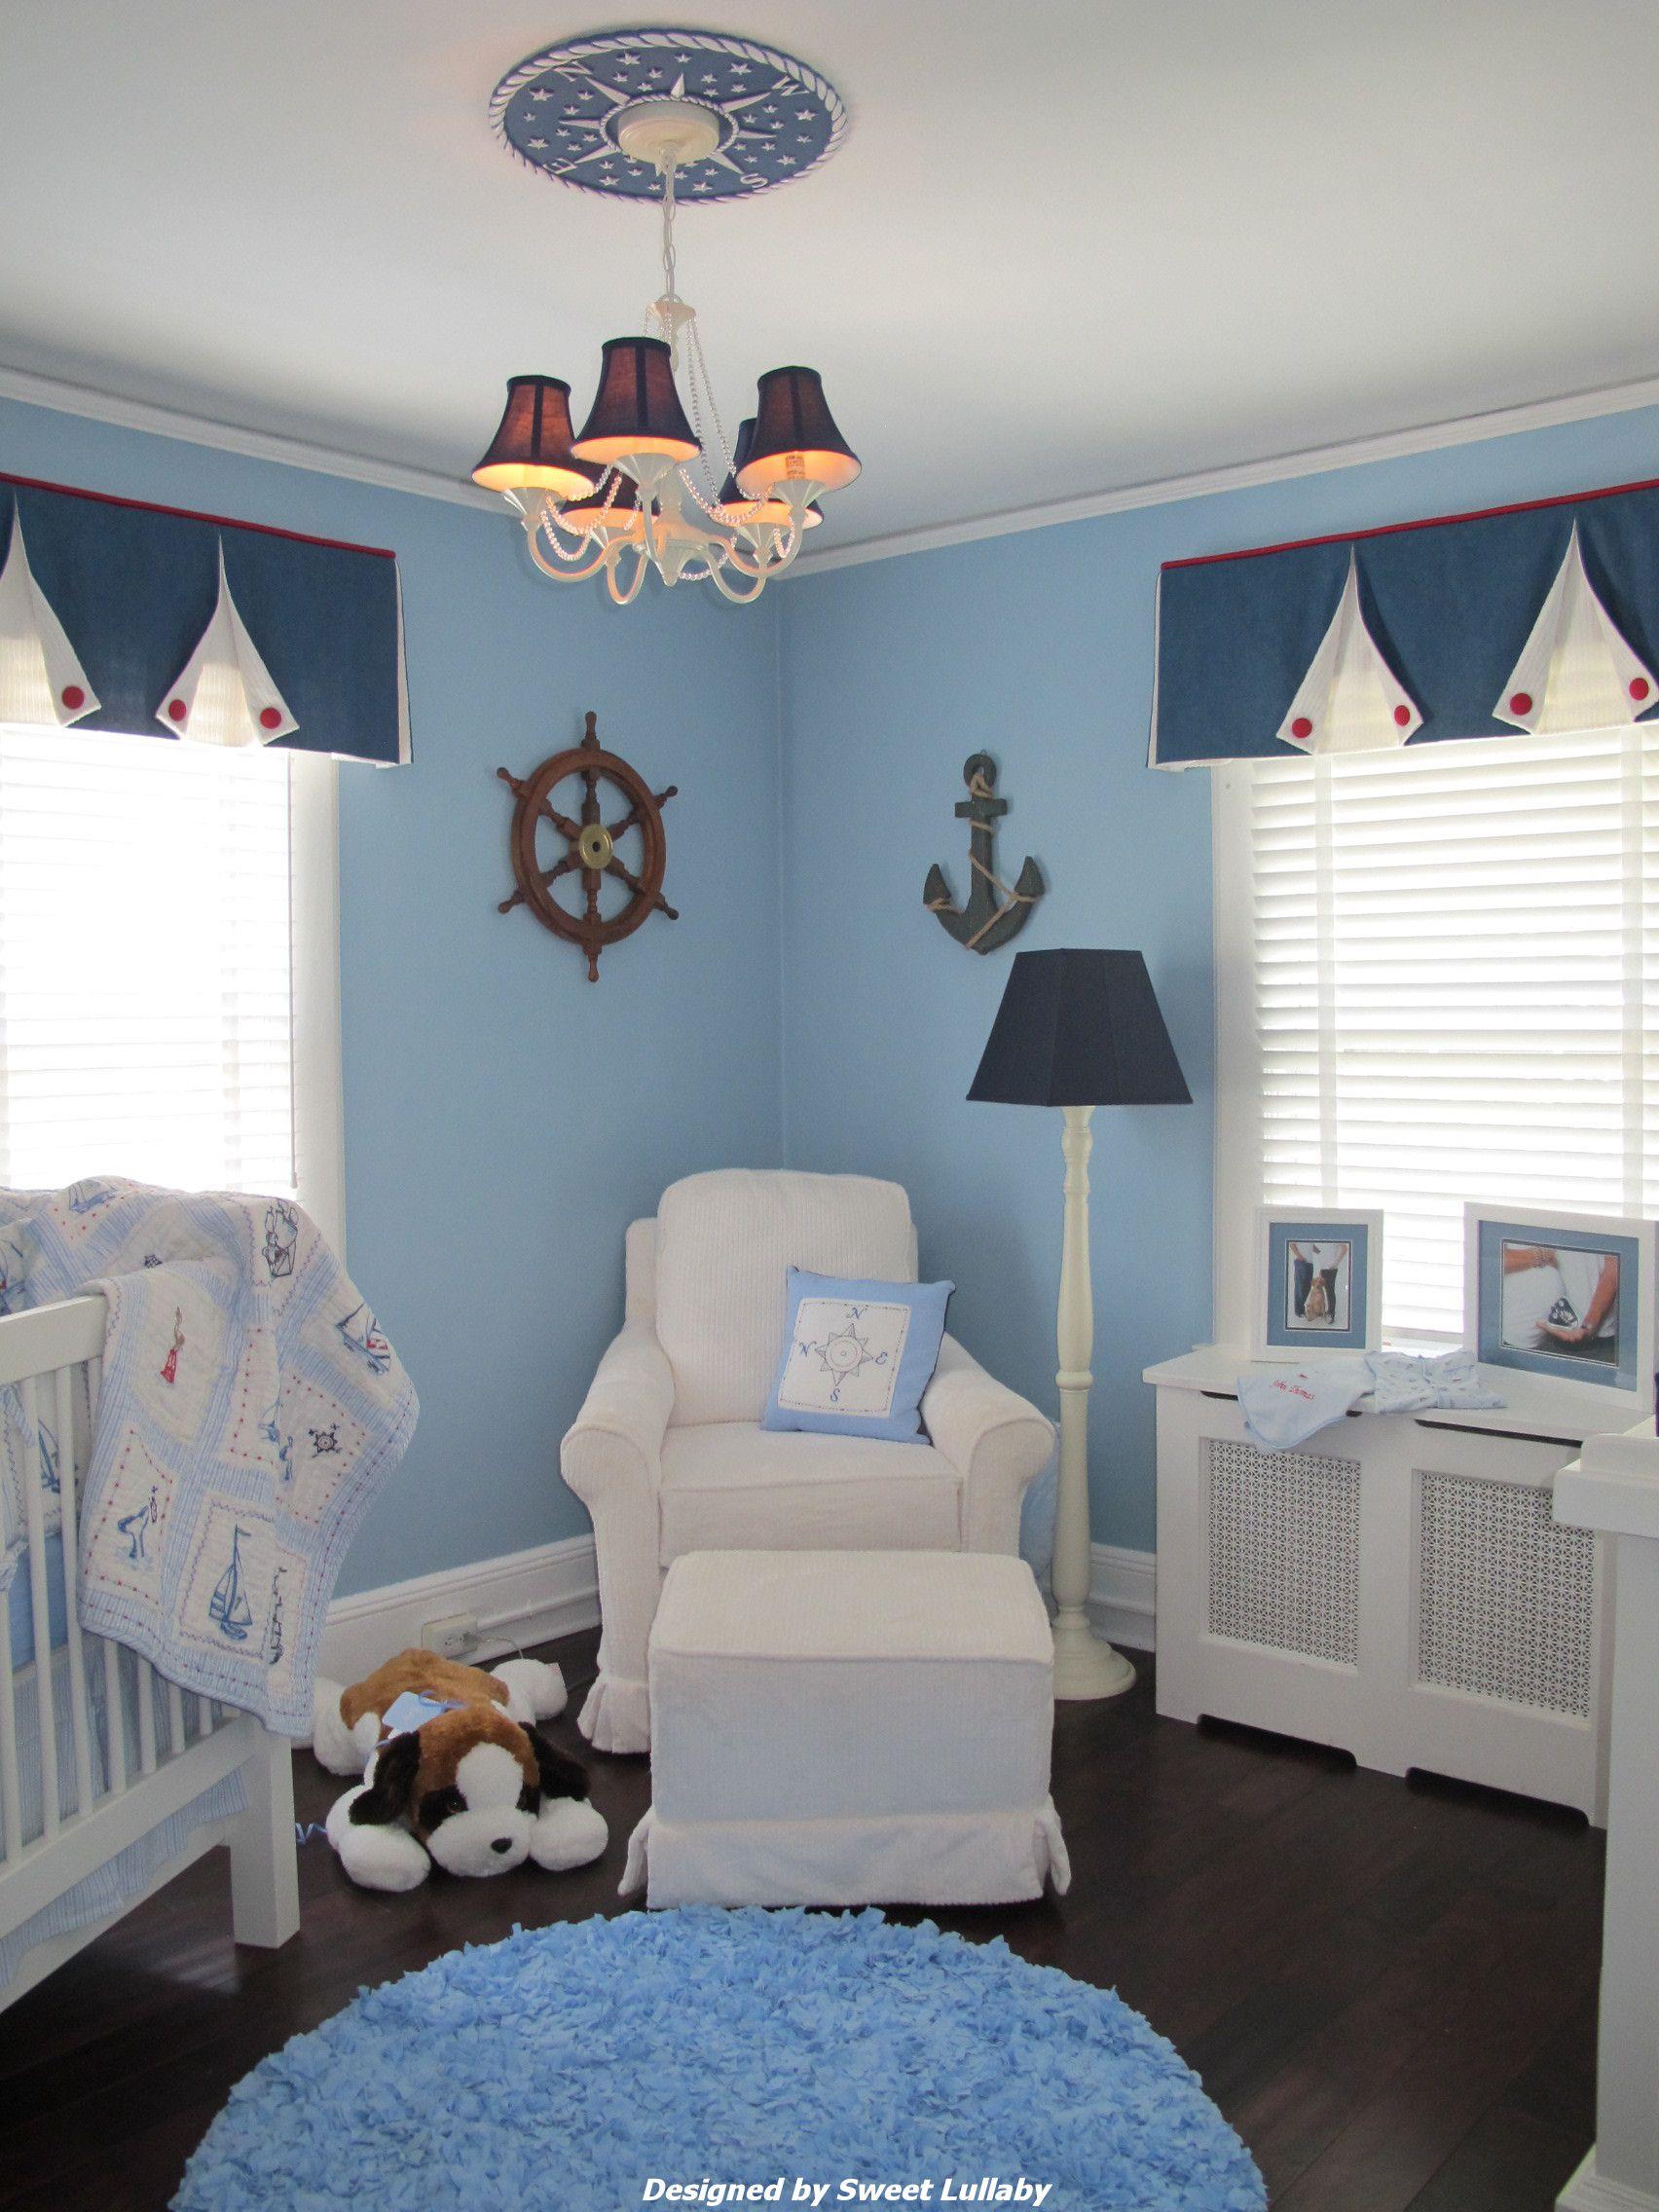 Nautical Baby Boy Nursery Room Ideas: Baby Boy Rooms, Boys Room Colors, Boy Room